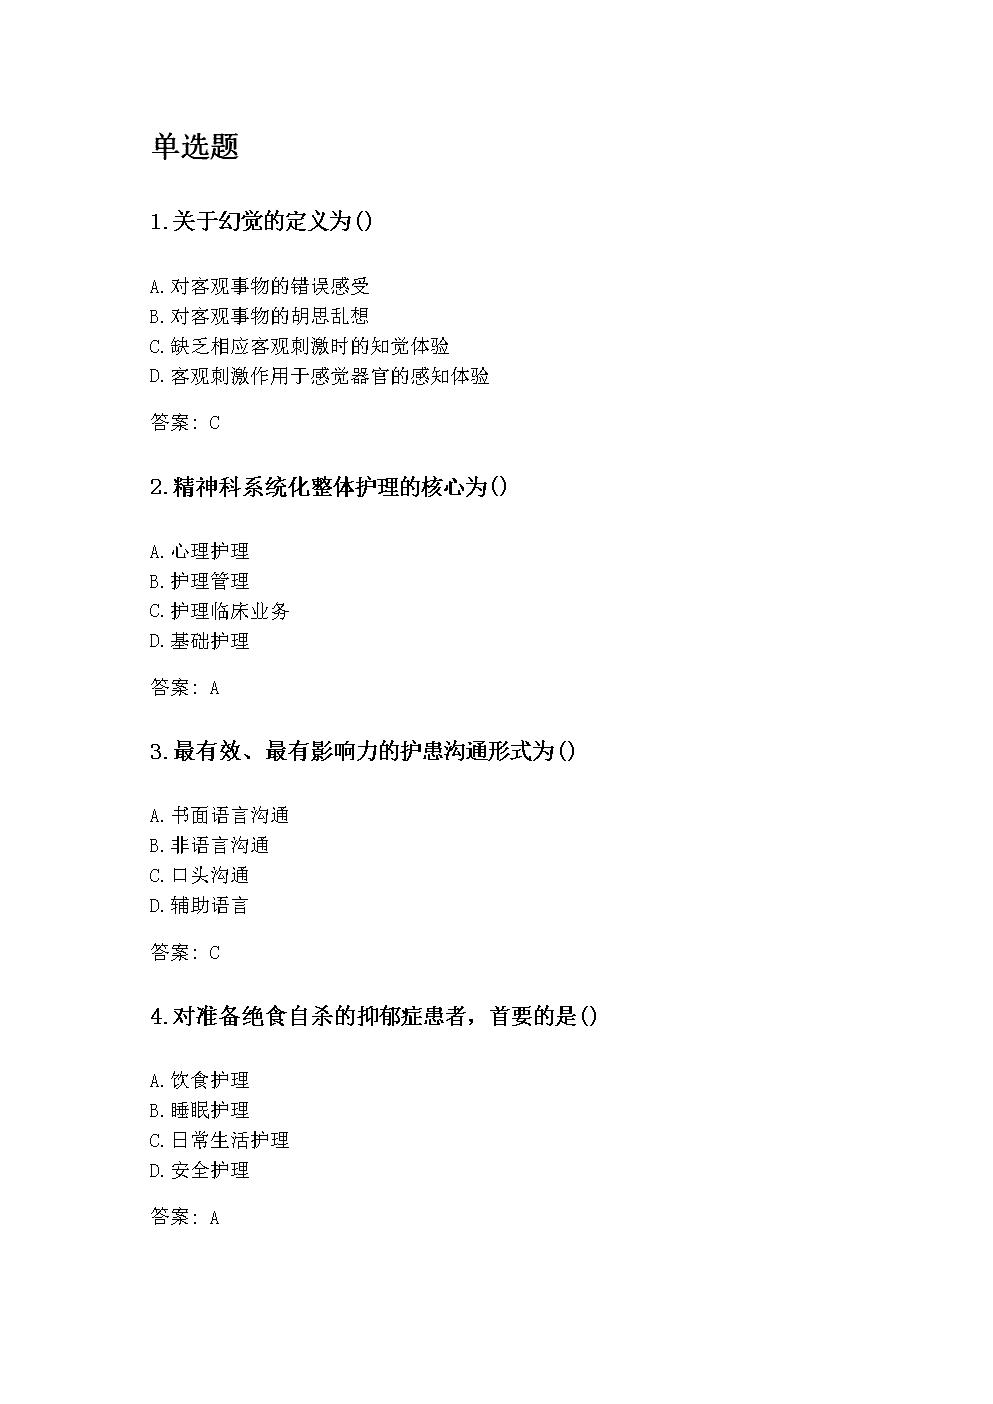 奥鹏吉林大学2020年9月《精神科护理学》考前练兵.doc